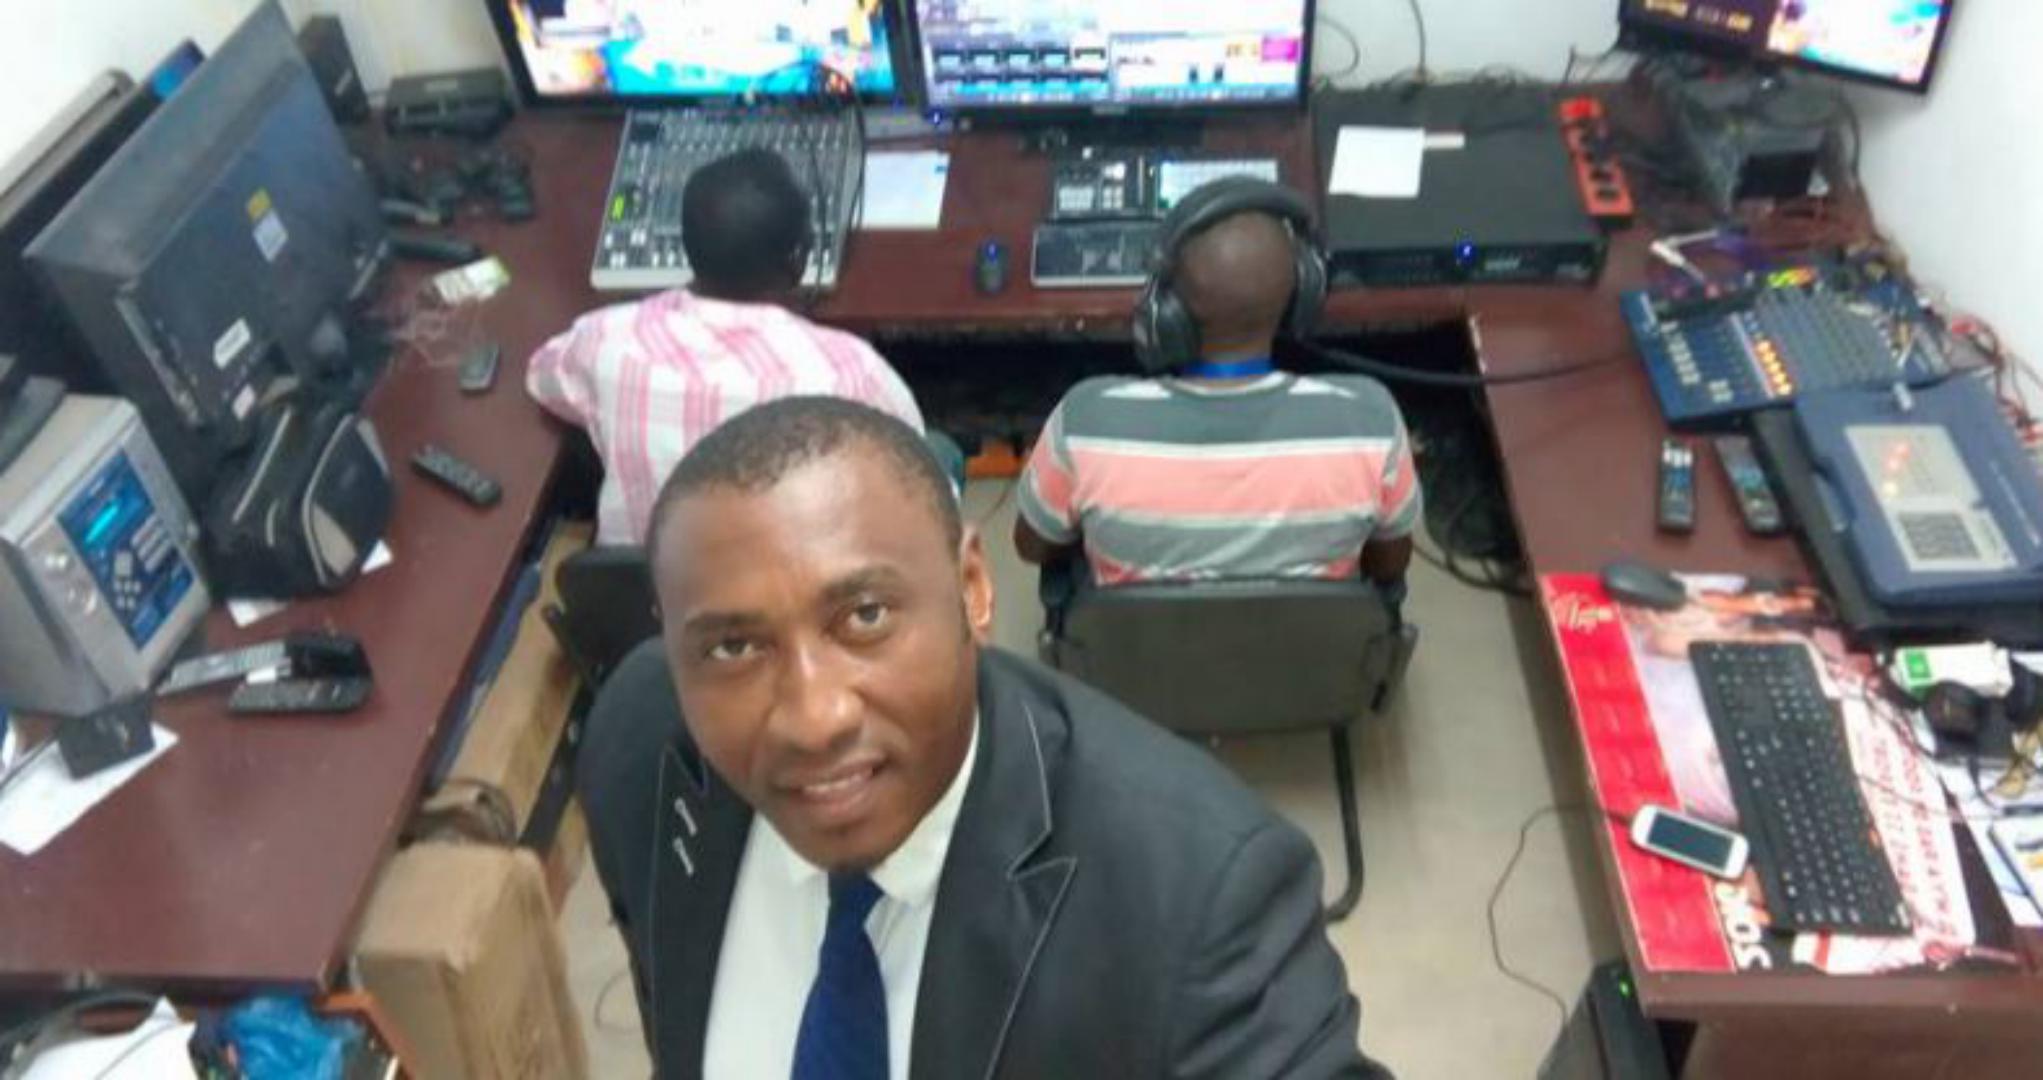 Pierre Laverdure Ombang rejoint le PURS comme responsable des relations avec les médias